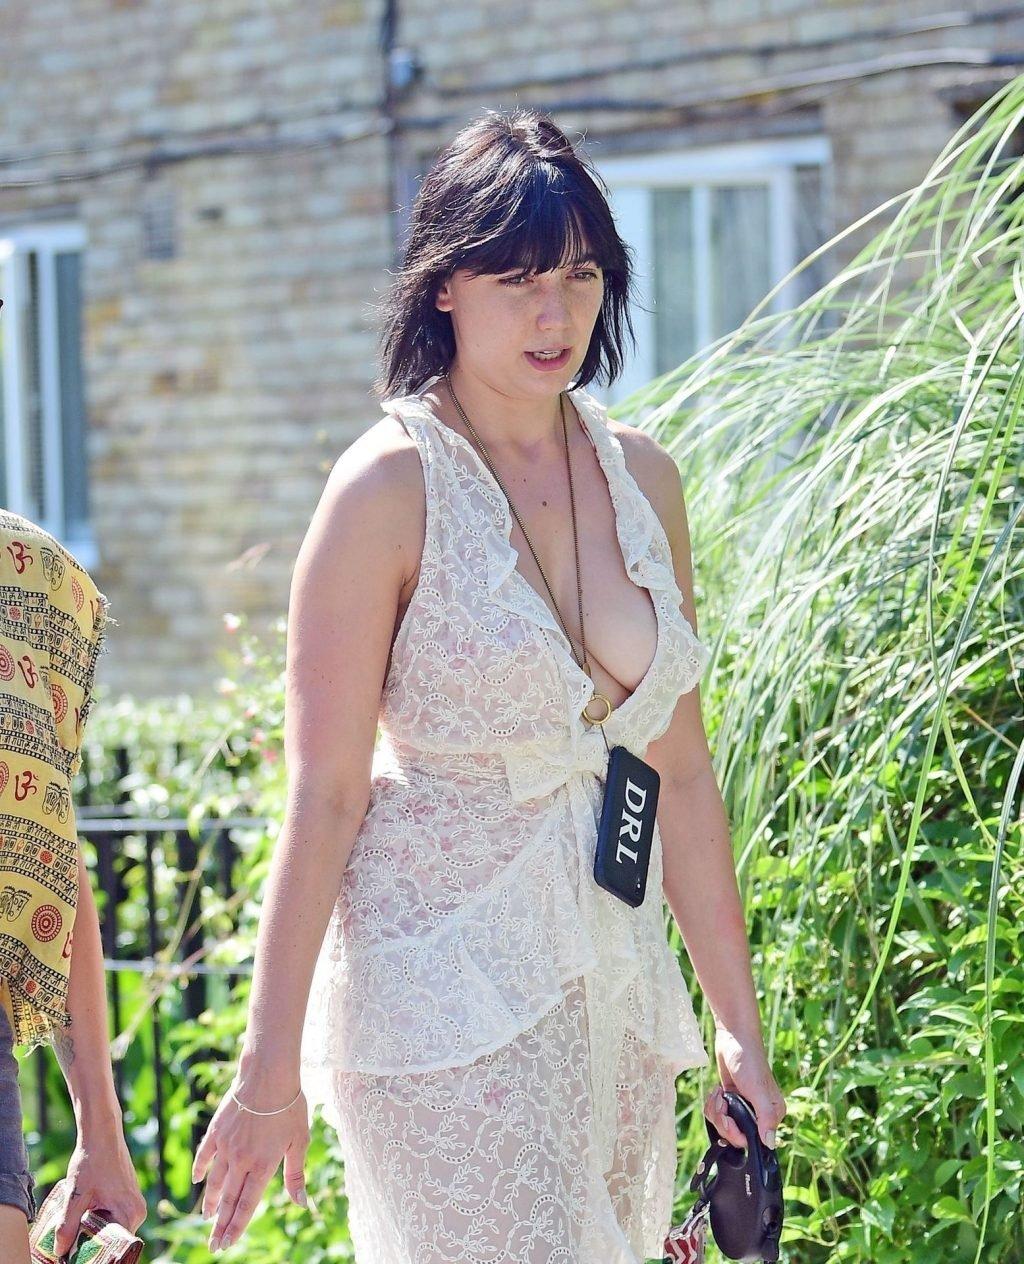 Daisy Lowe Braless (60 Photos)